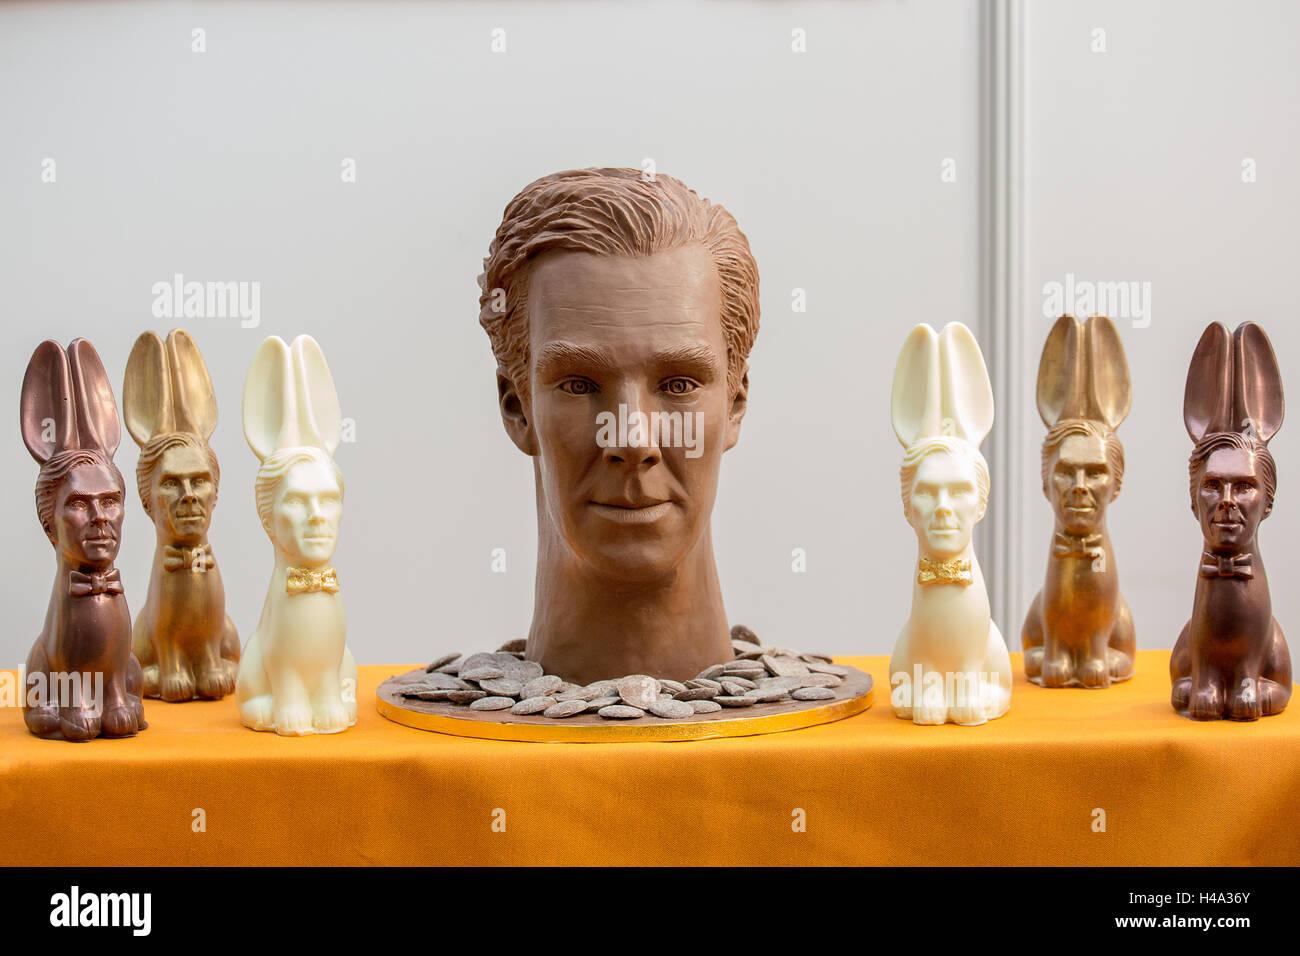 La scultura di cioccolato.Il Salone del Cioccolato avviene a Olympia London, Regno Unito da 14th-16th October 2016, Foto Stock